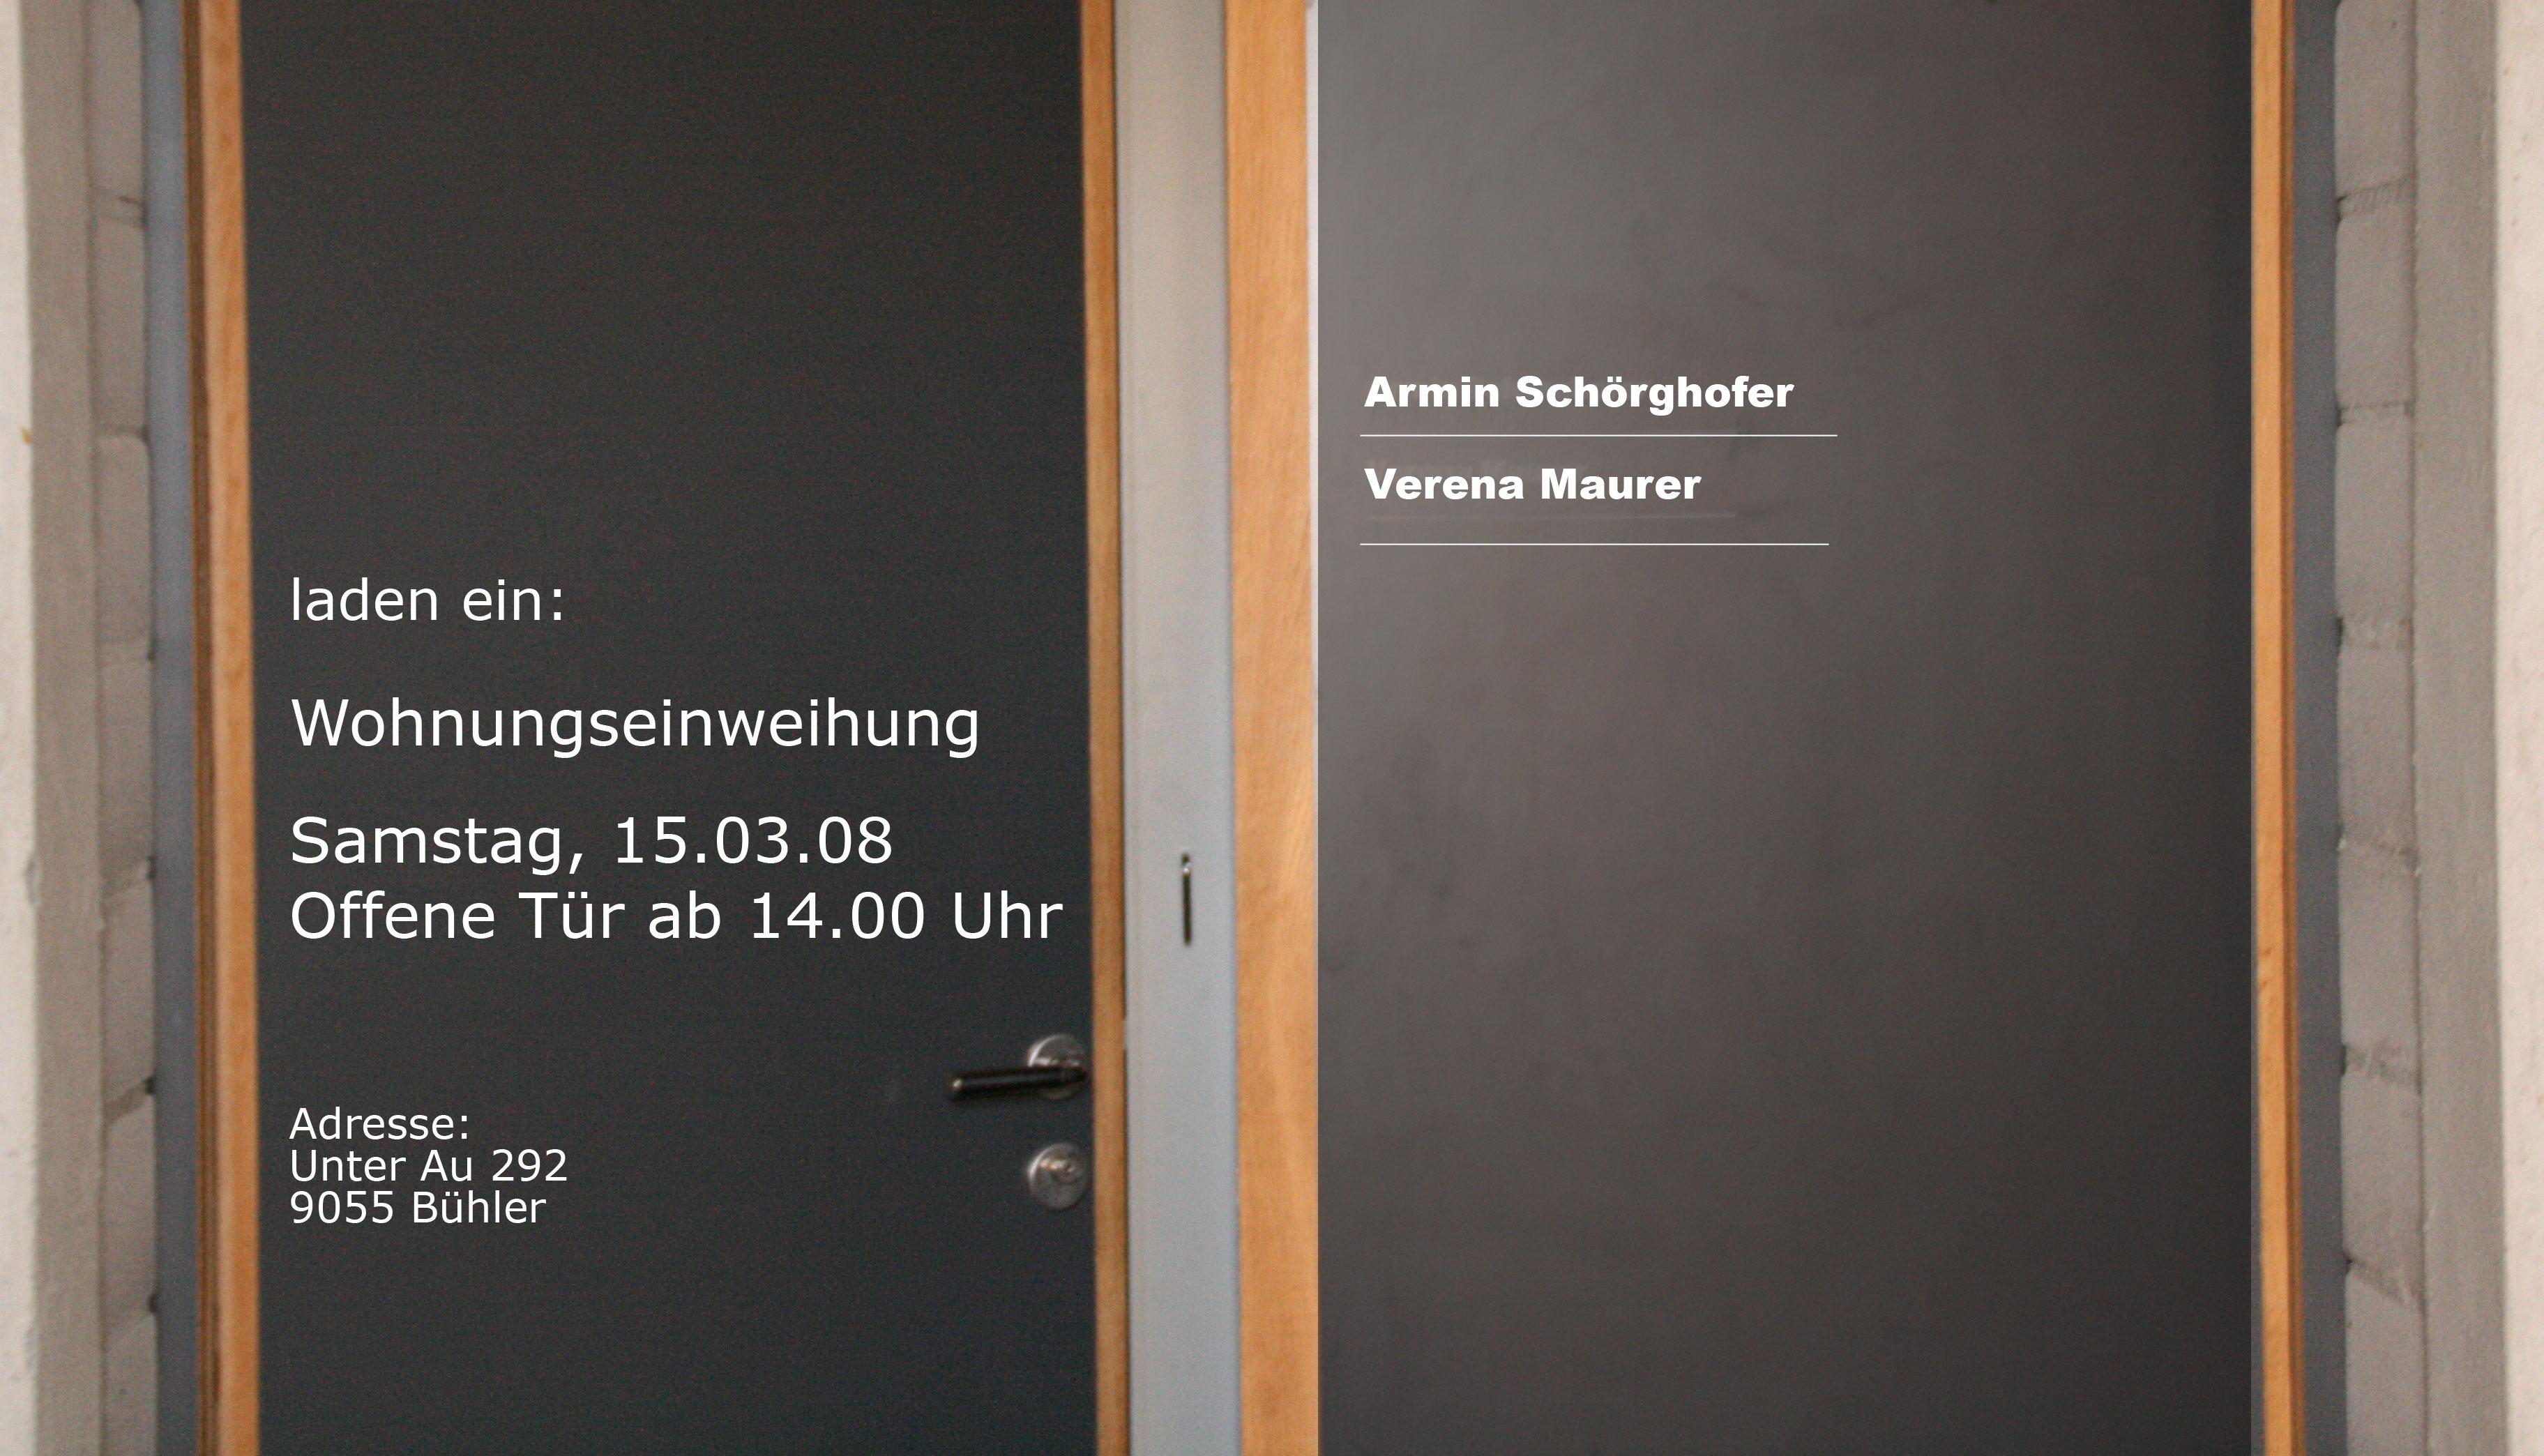 Wohnungseinweihung - Armin und Verena unterwegs